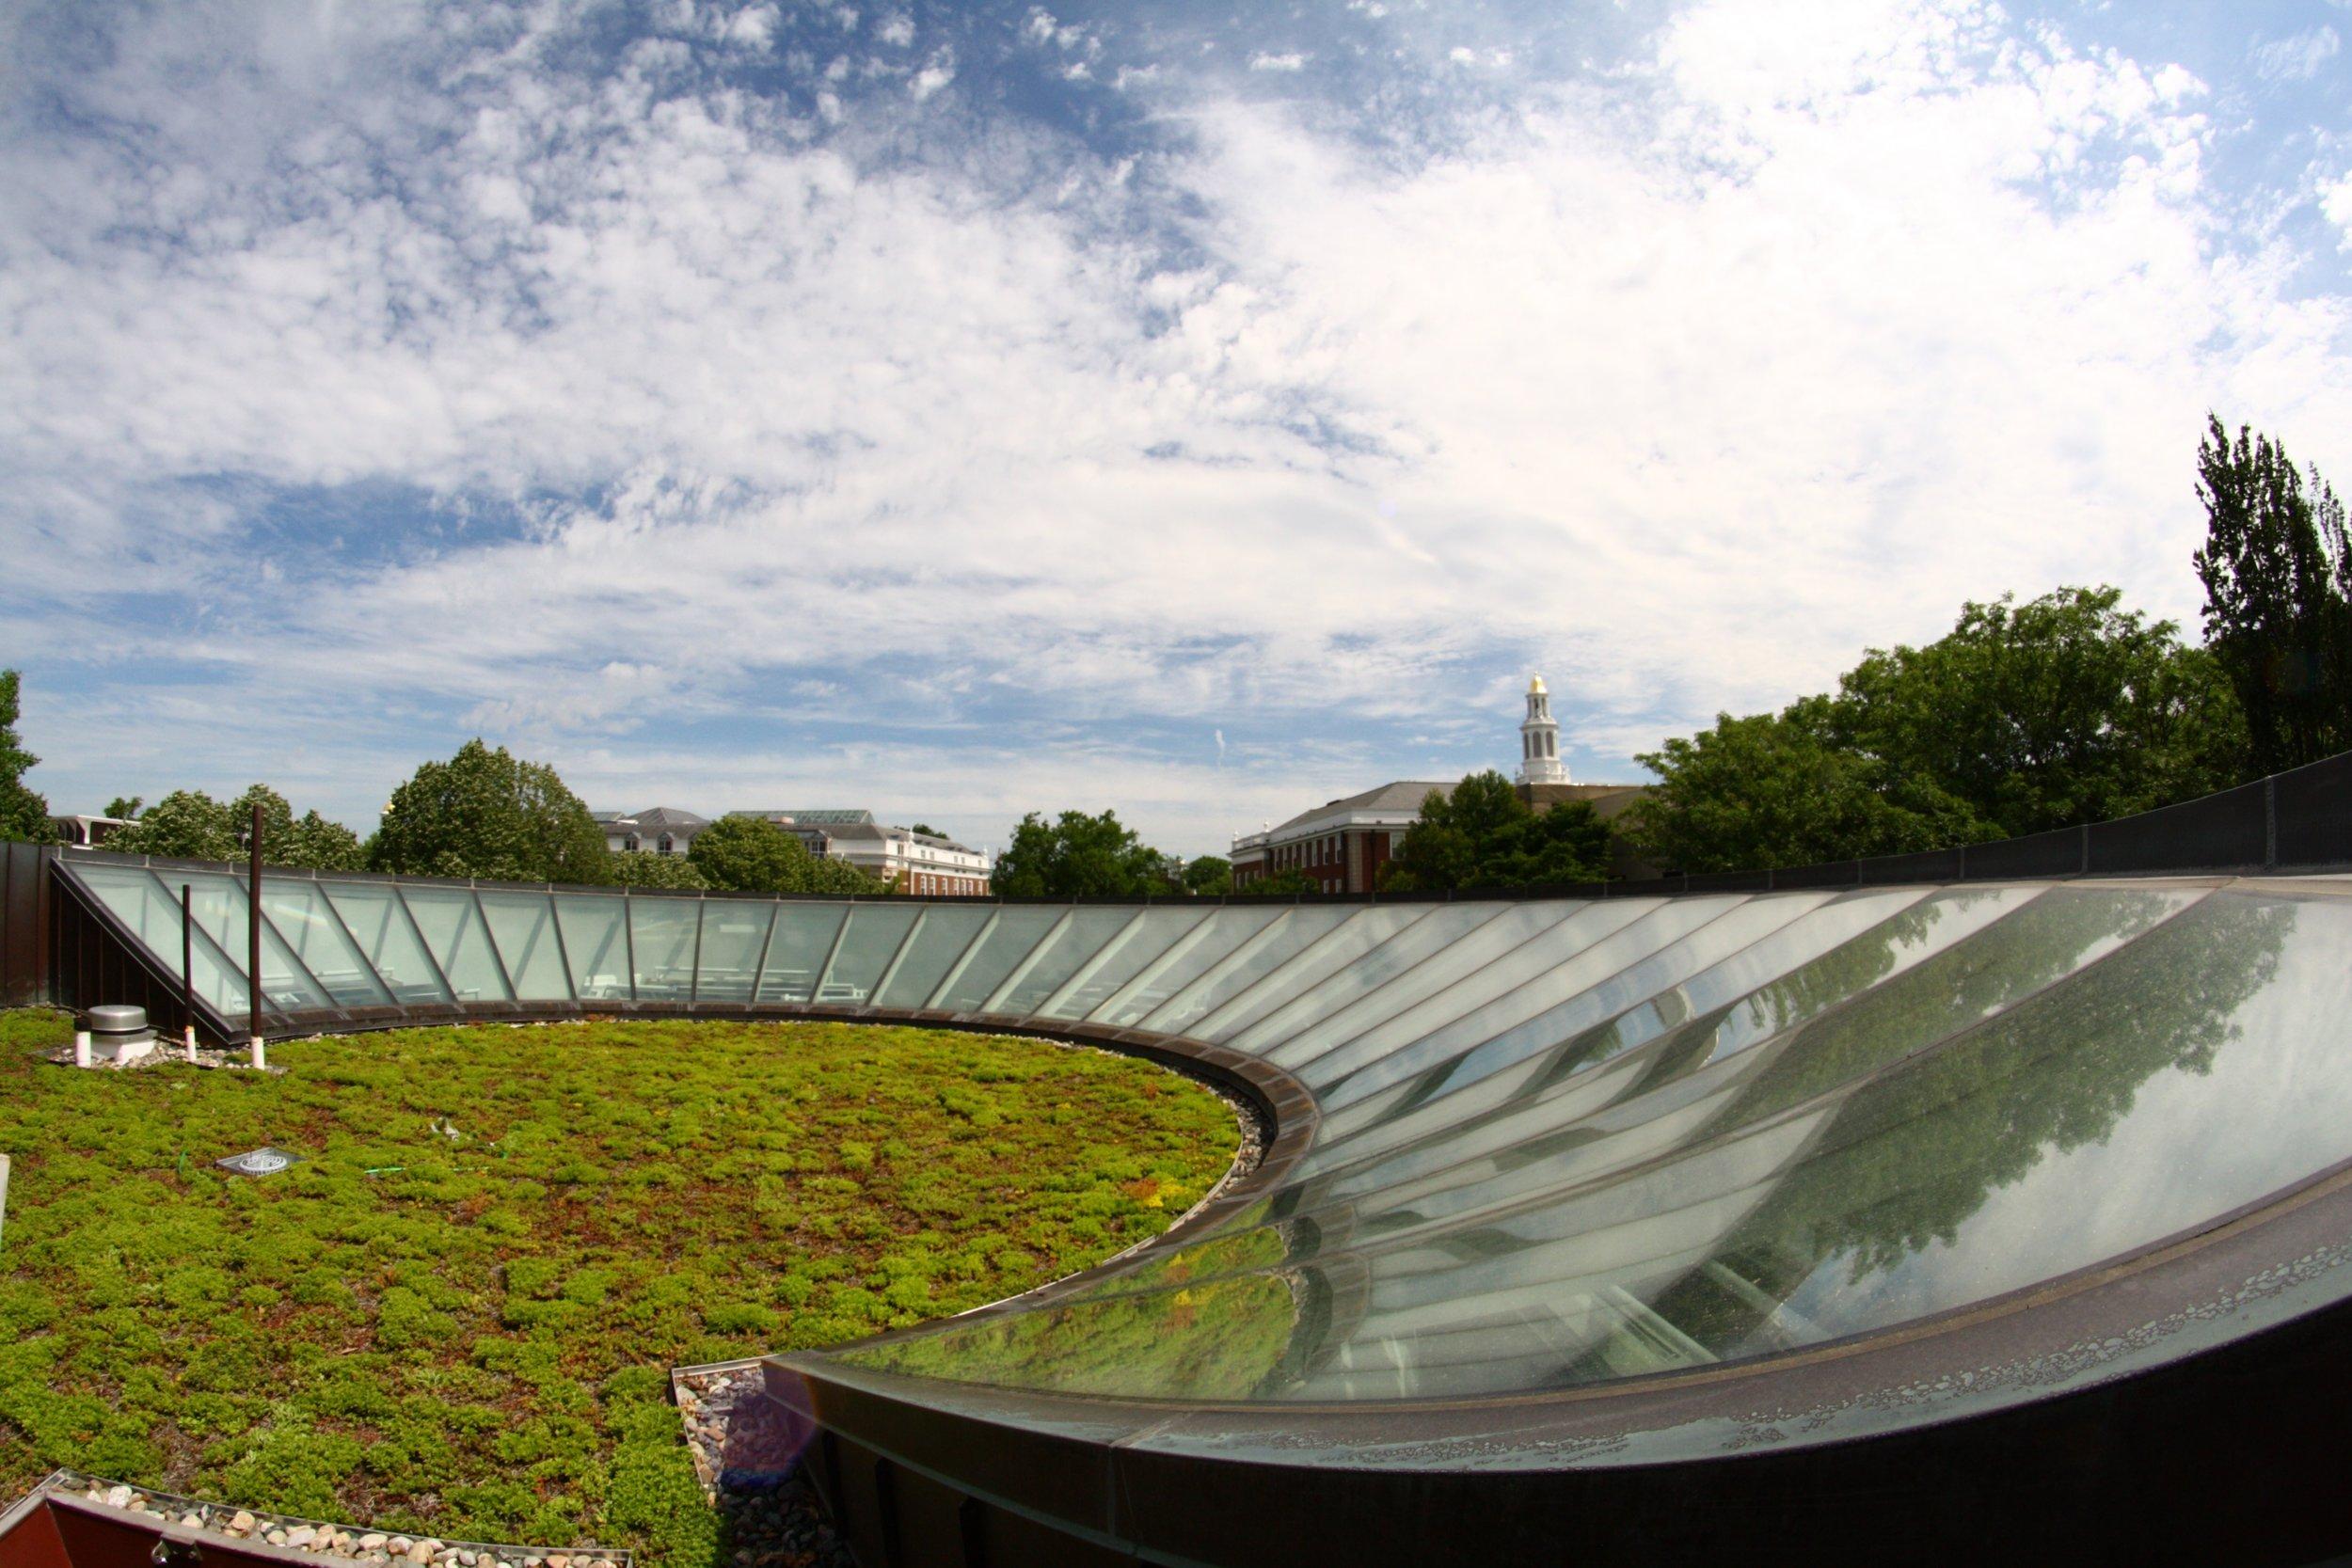 recover-green-roofs-harvard-business-school-garden-2016-8.jpg